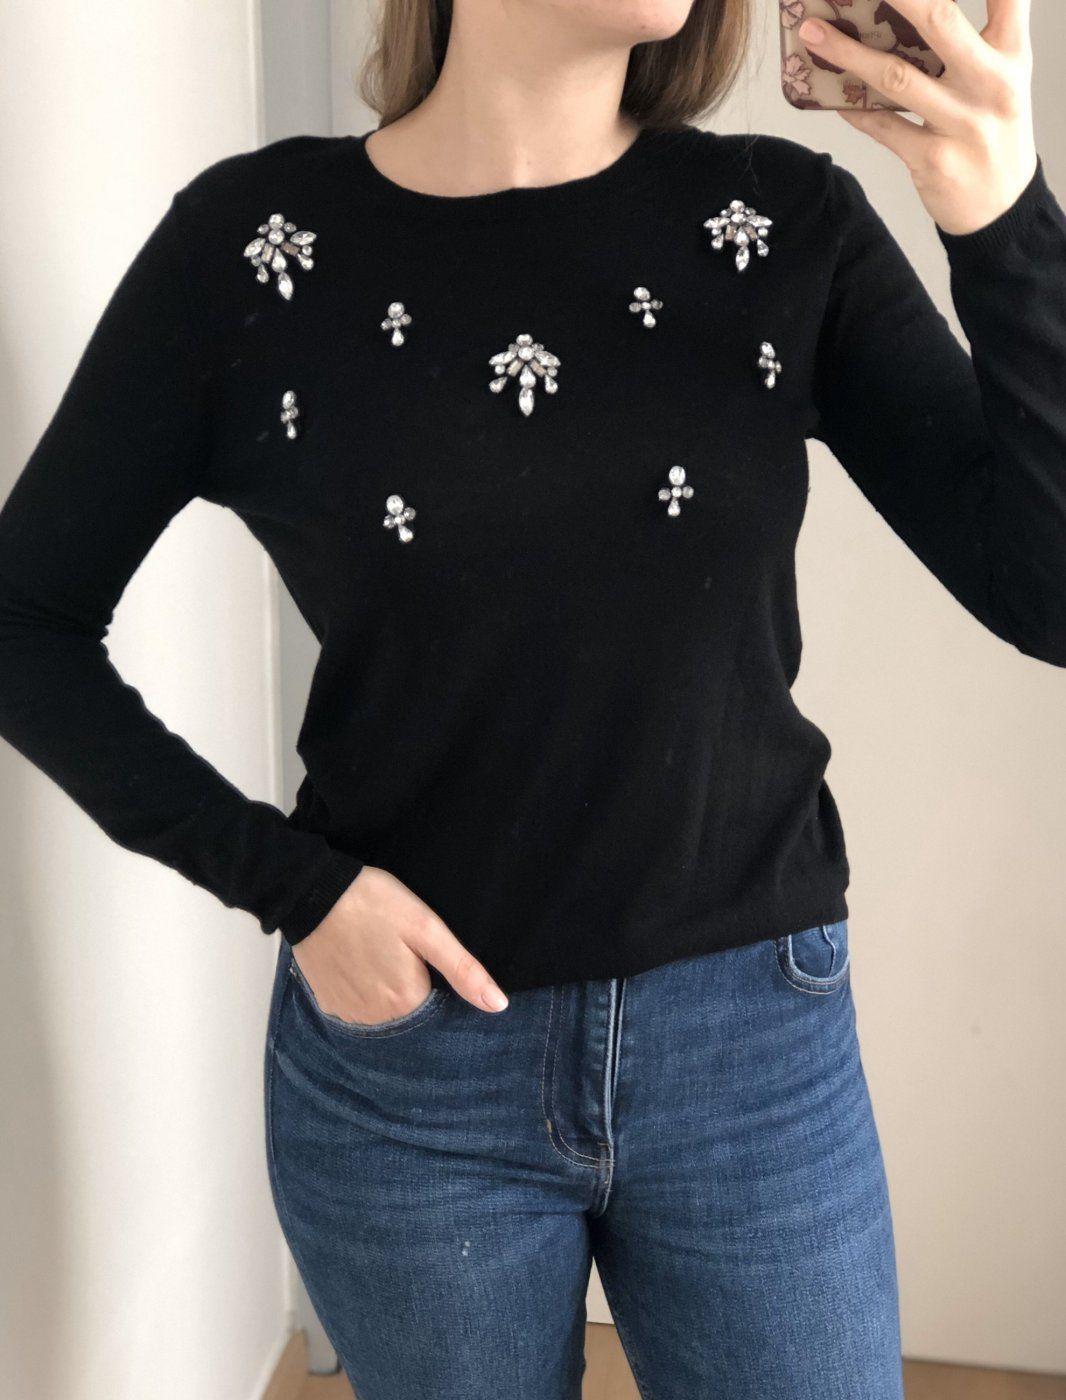 Pullover mit Schmucksteinen | Mädchenflohmarkt